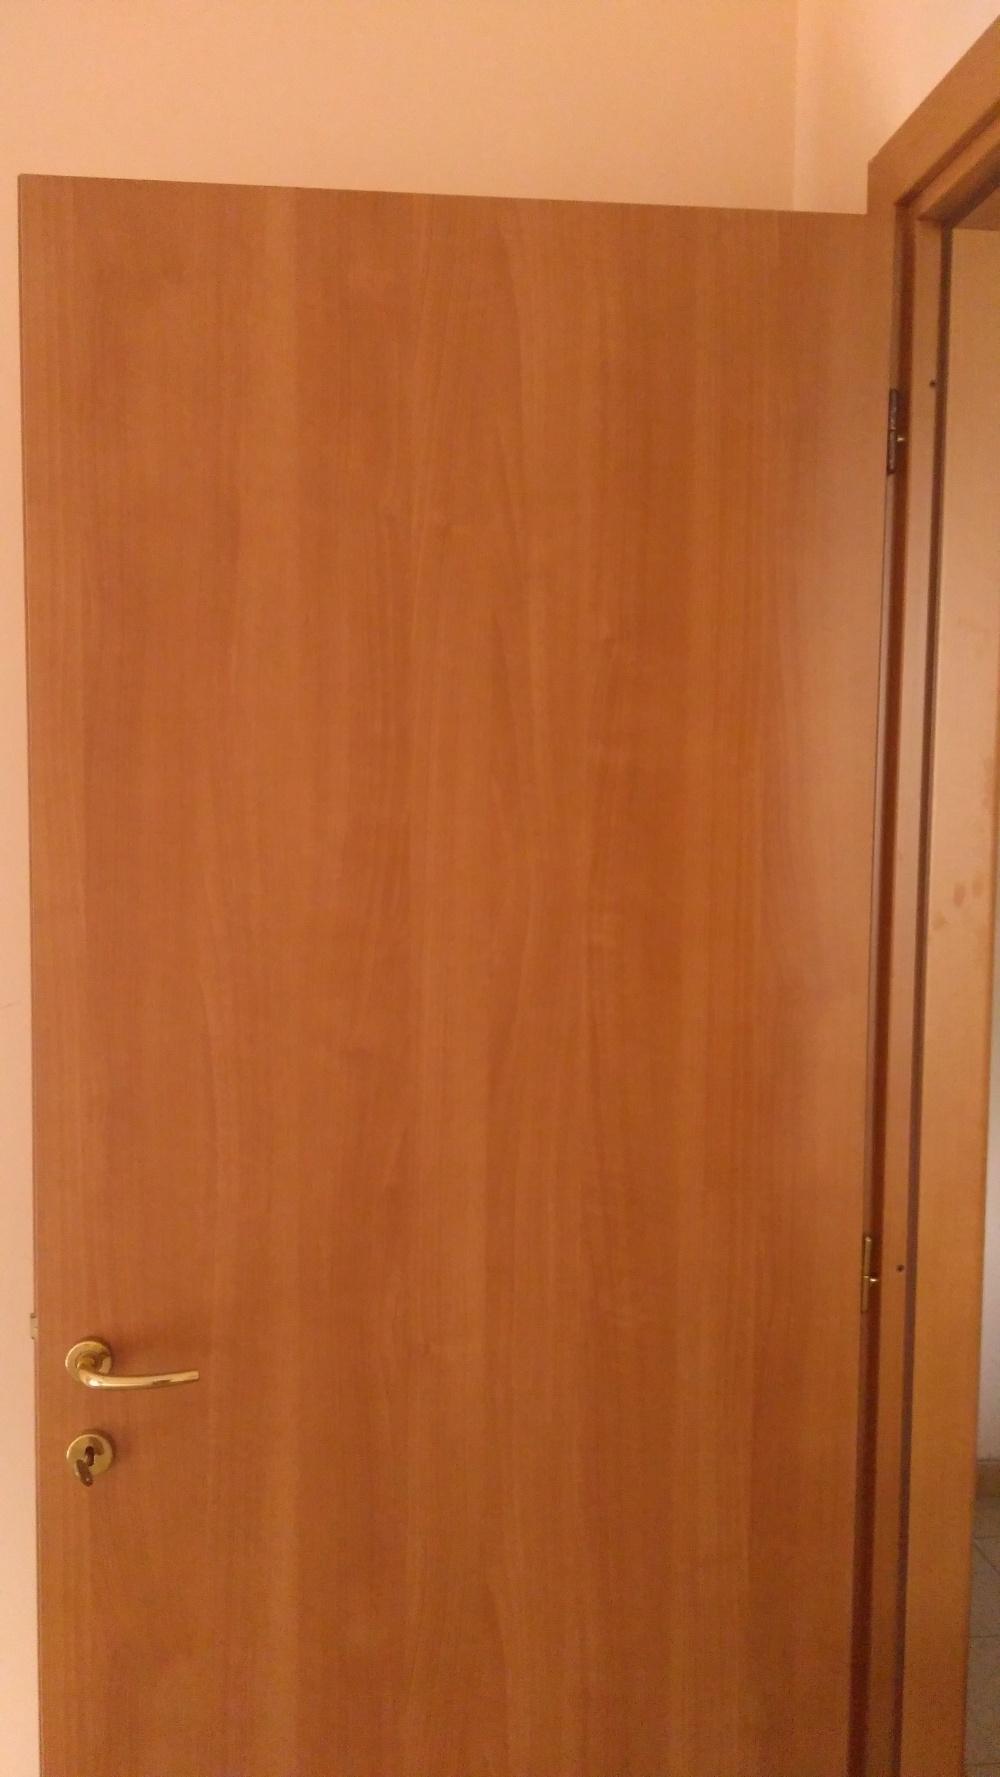 meravigliose porte d'interno